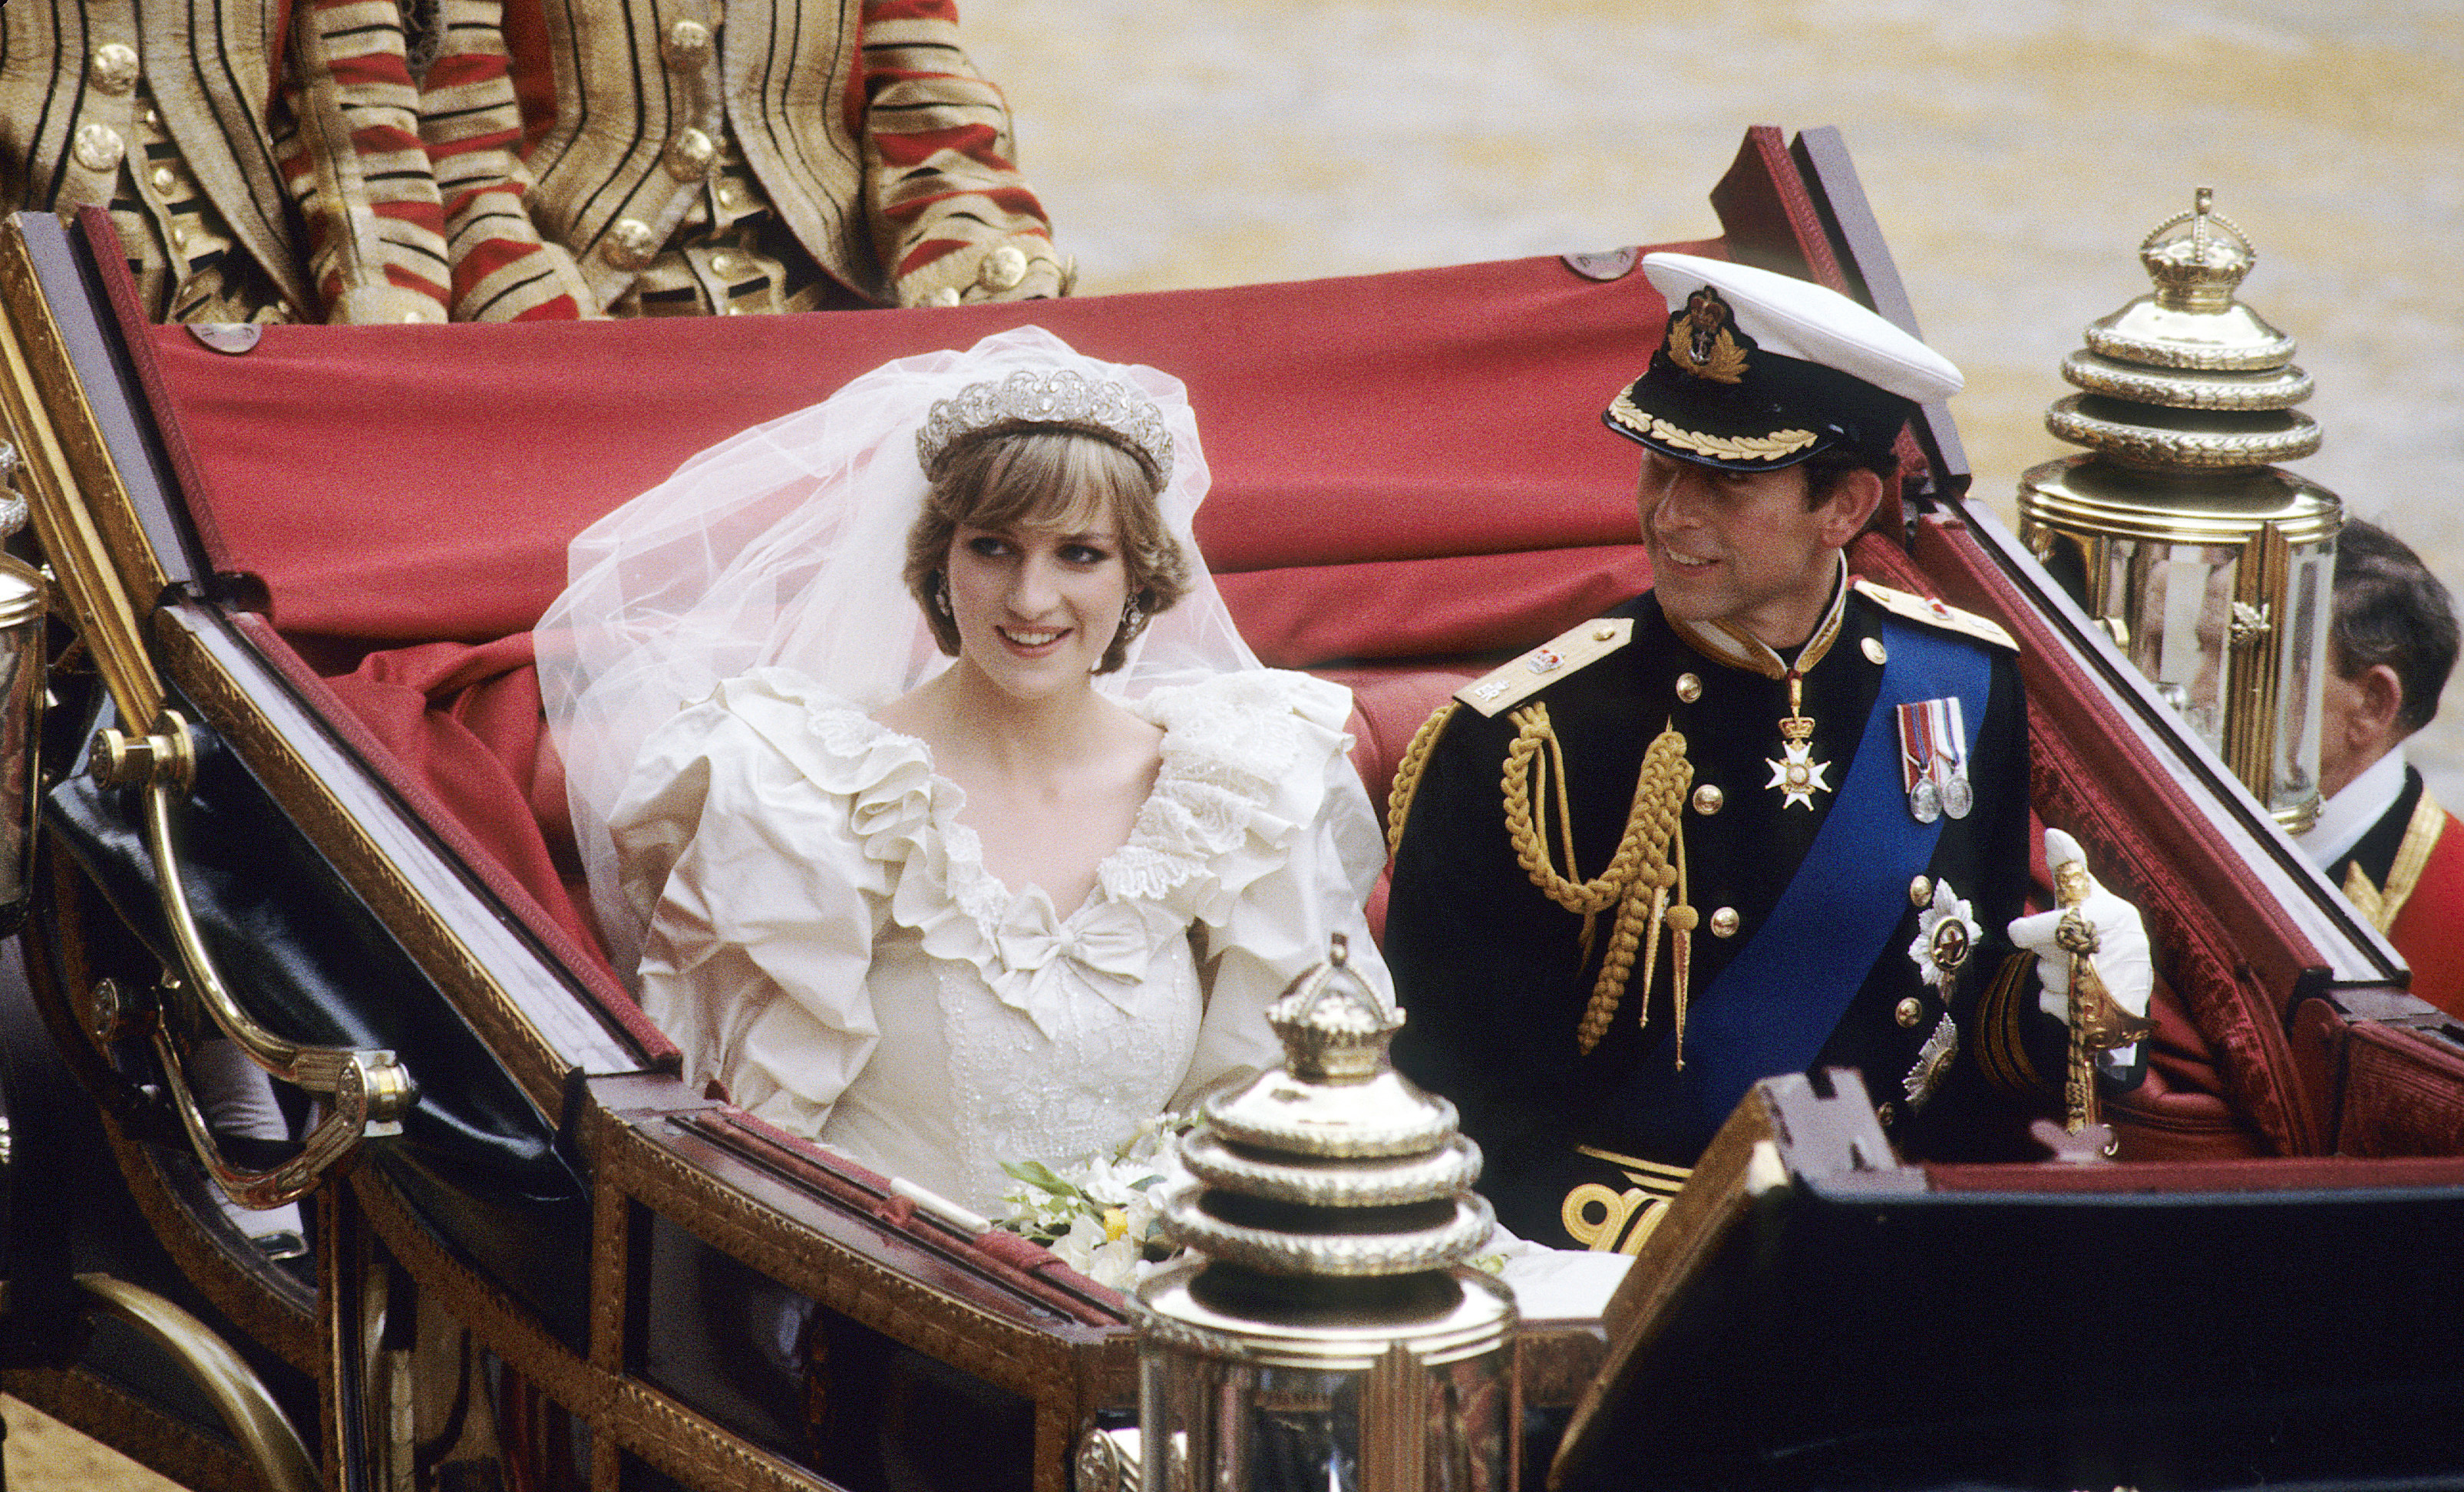 Boda de Princesa Diana y Principe Charles